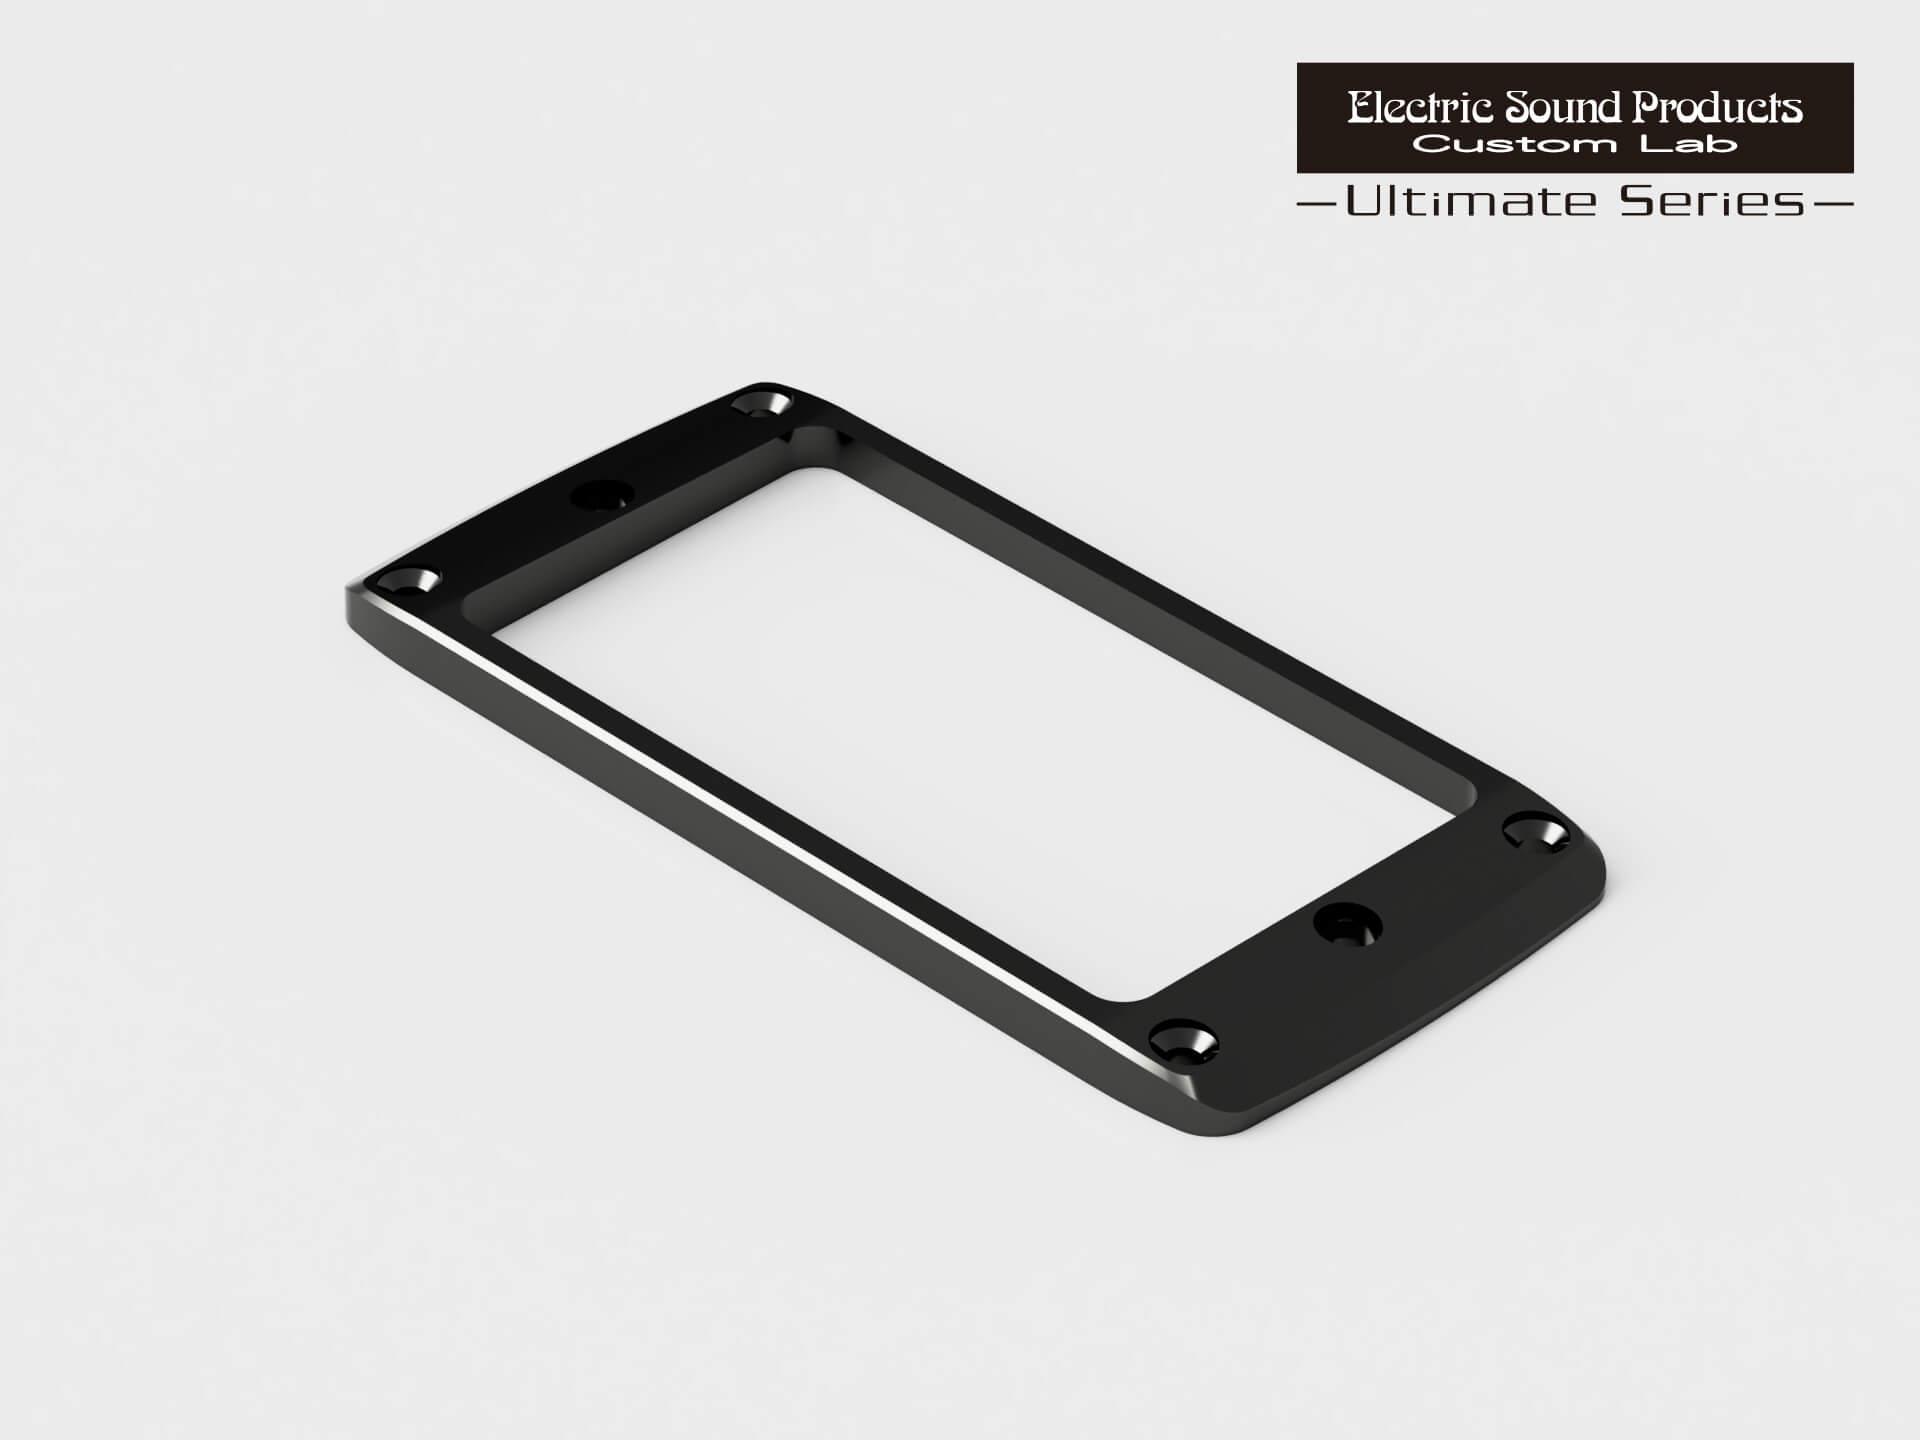 ESP Parts Custom Lab 大幅値下げランキング Beveled PU Ring Flat-F エスカッション Black セール特別価格 Brass パーツ アルティメイトシリーズ カスタムラボ ブラック